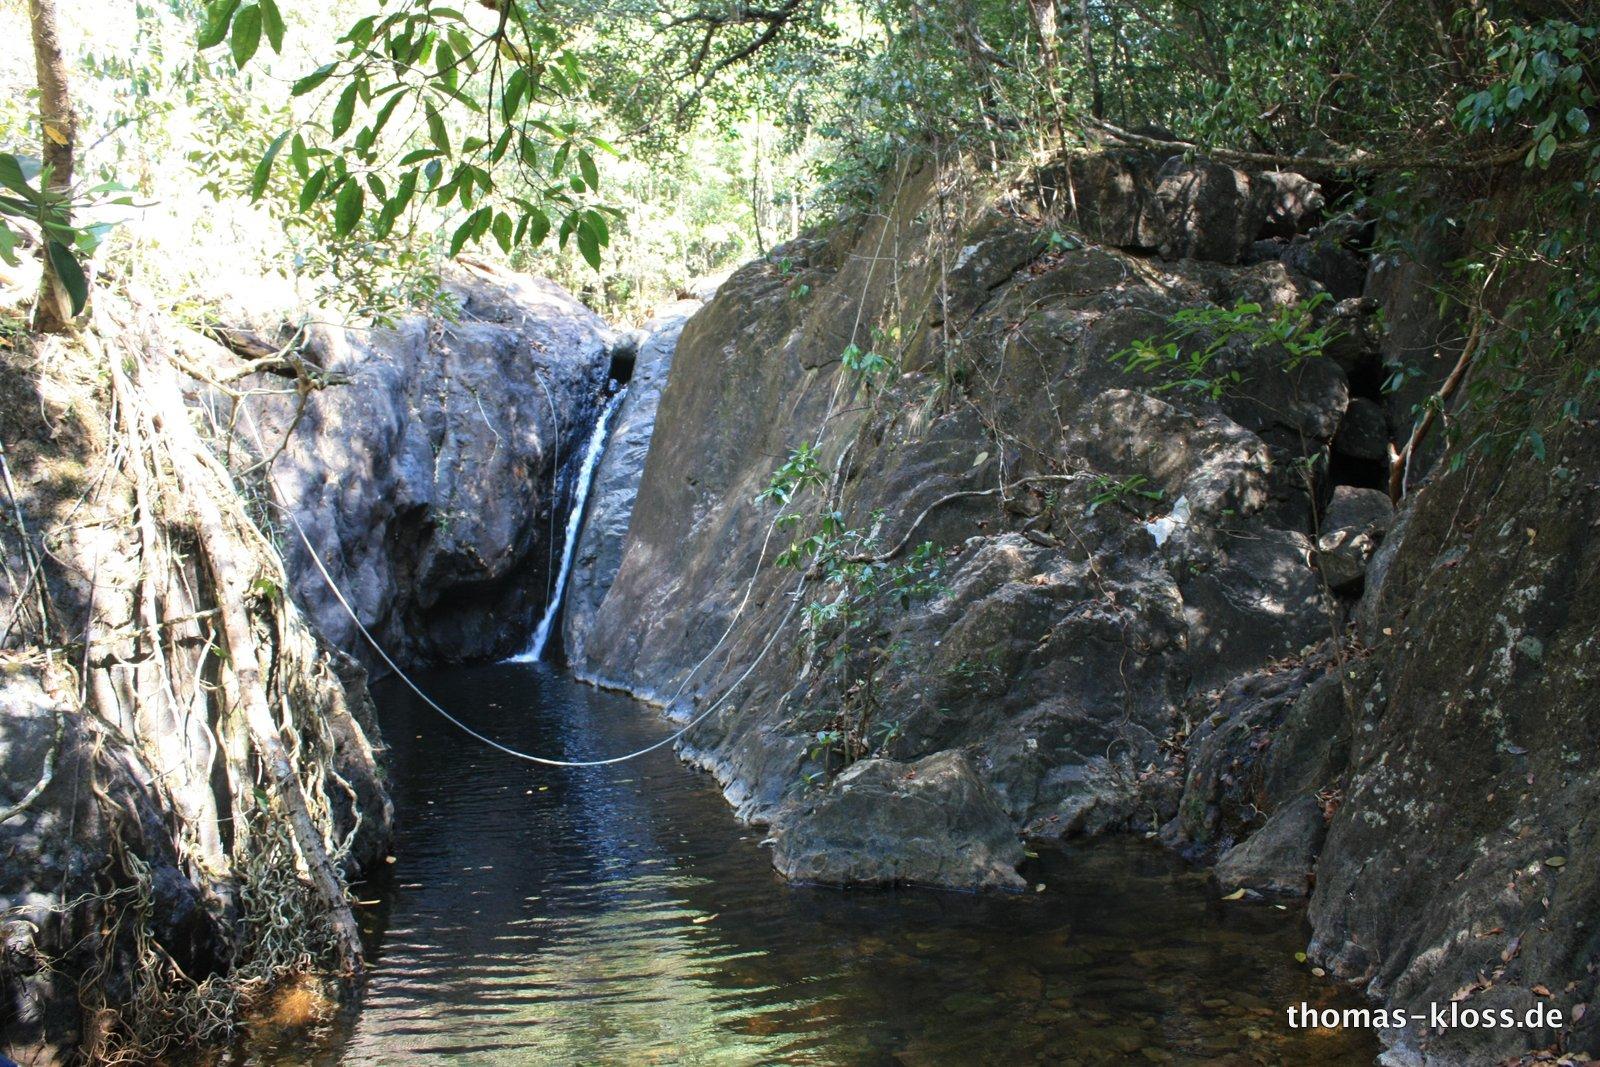 Das Ziel unser Wanderung: Der Wasserfall :-)